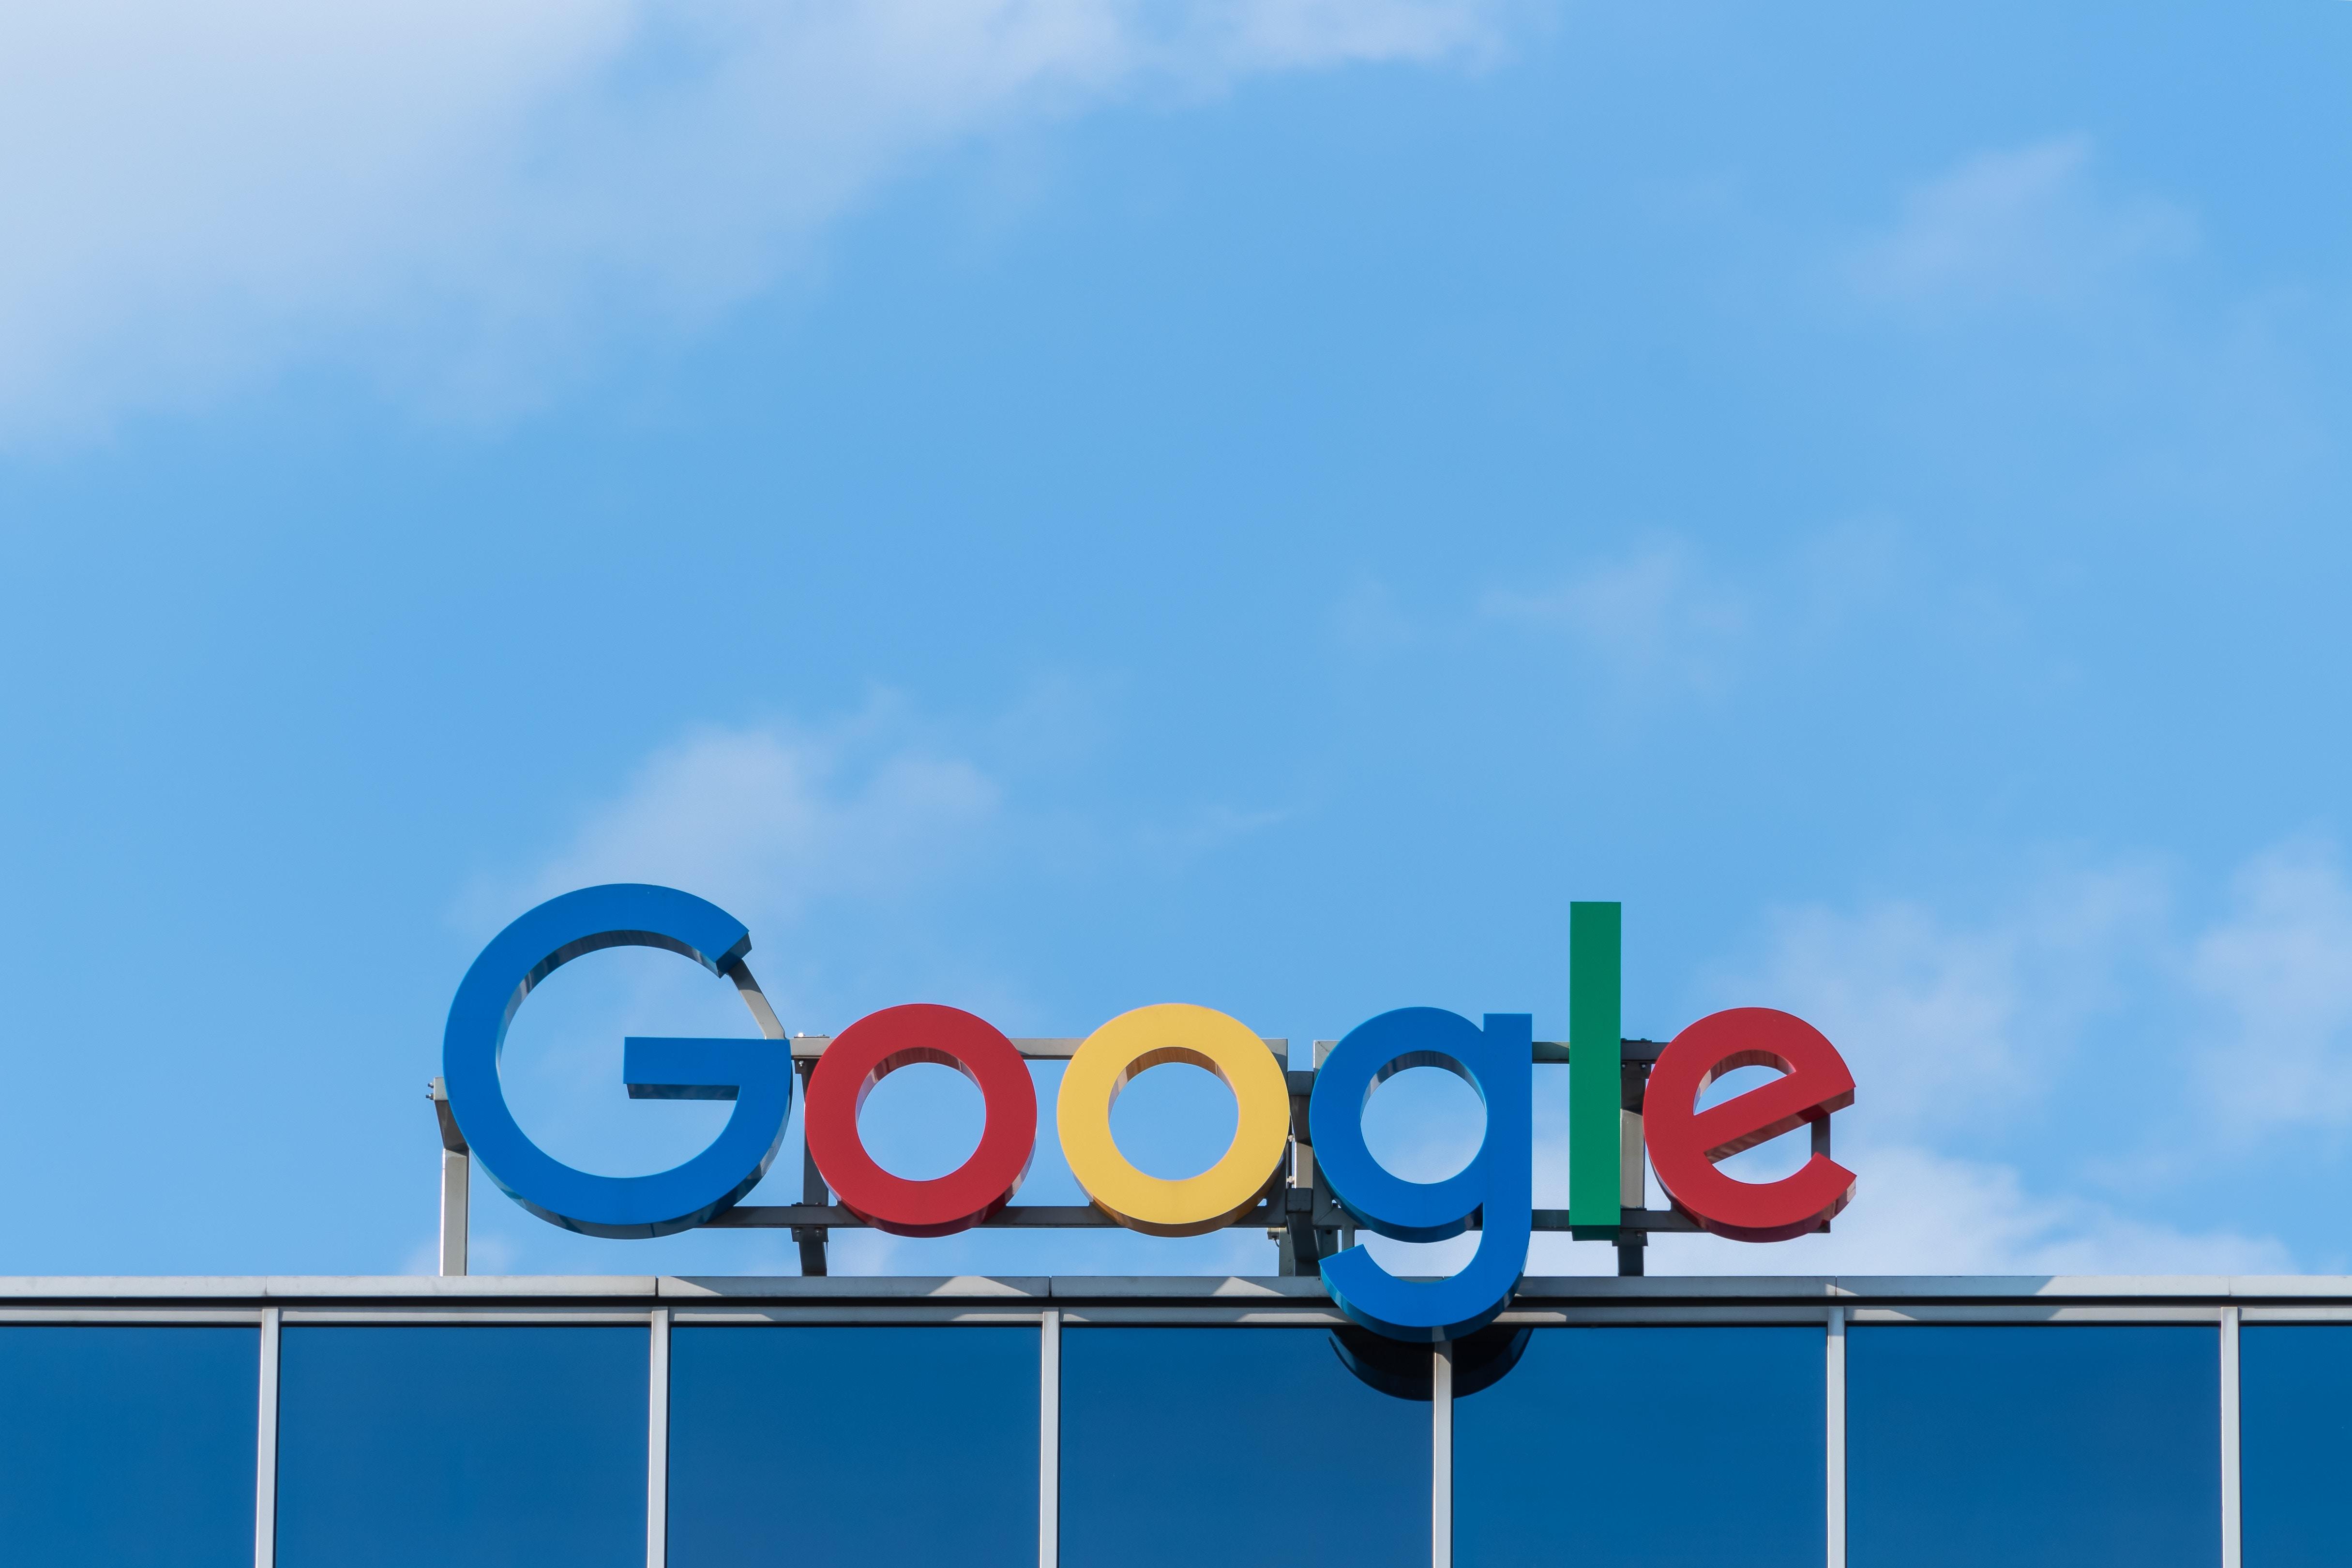 Google - Optimize GMB listing